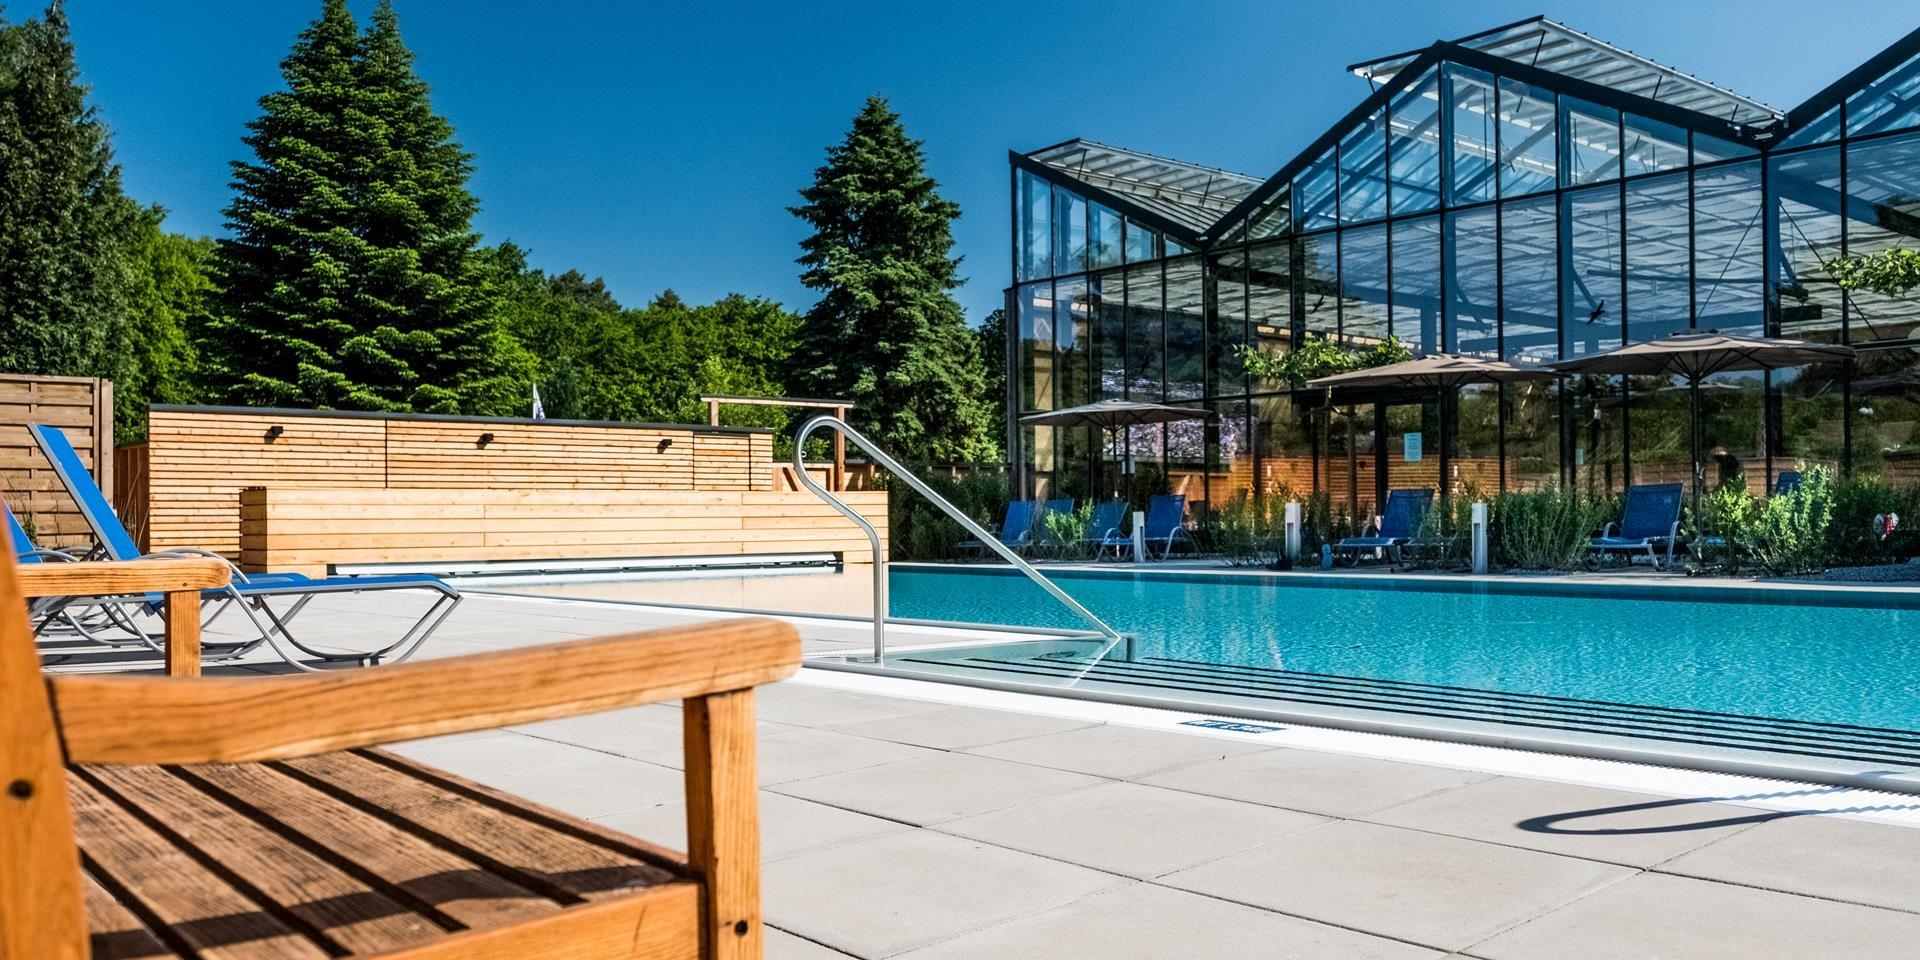 Längsseite des Außenbeckens Jammertal Resort Datteln